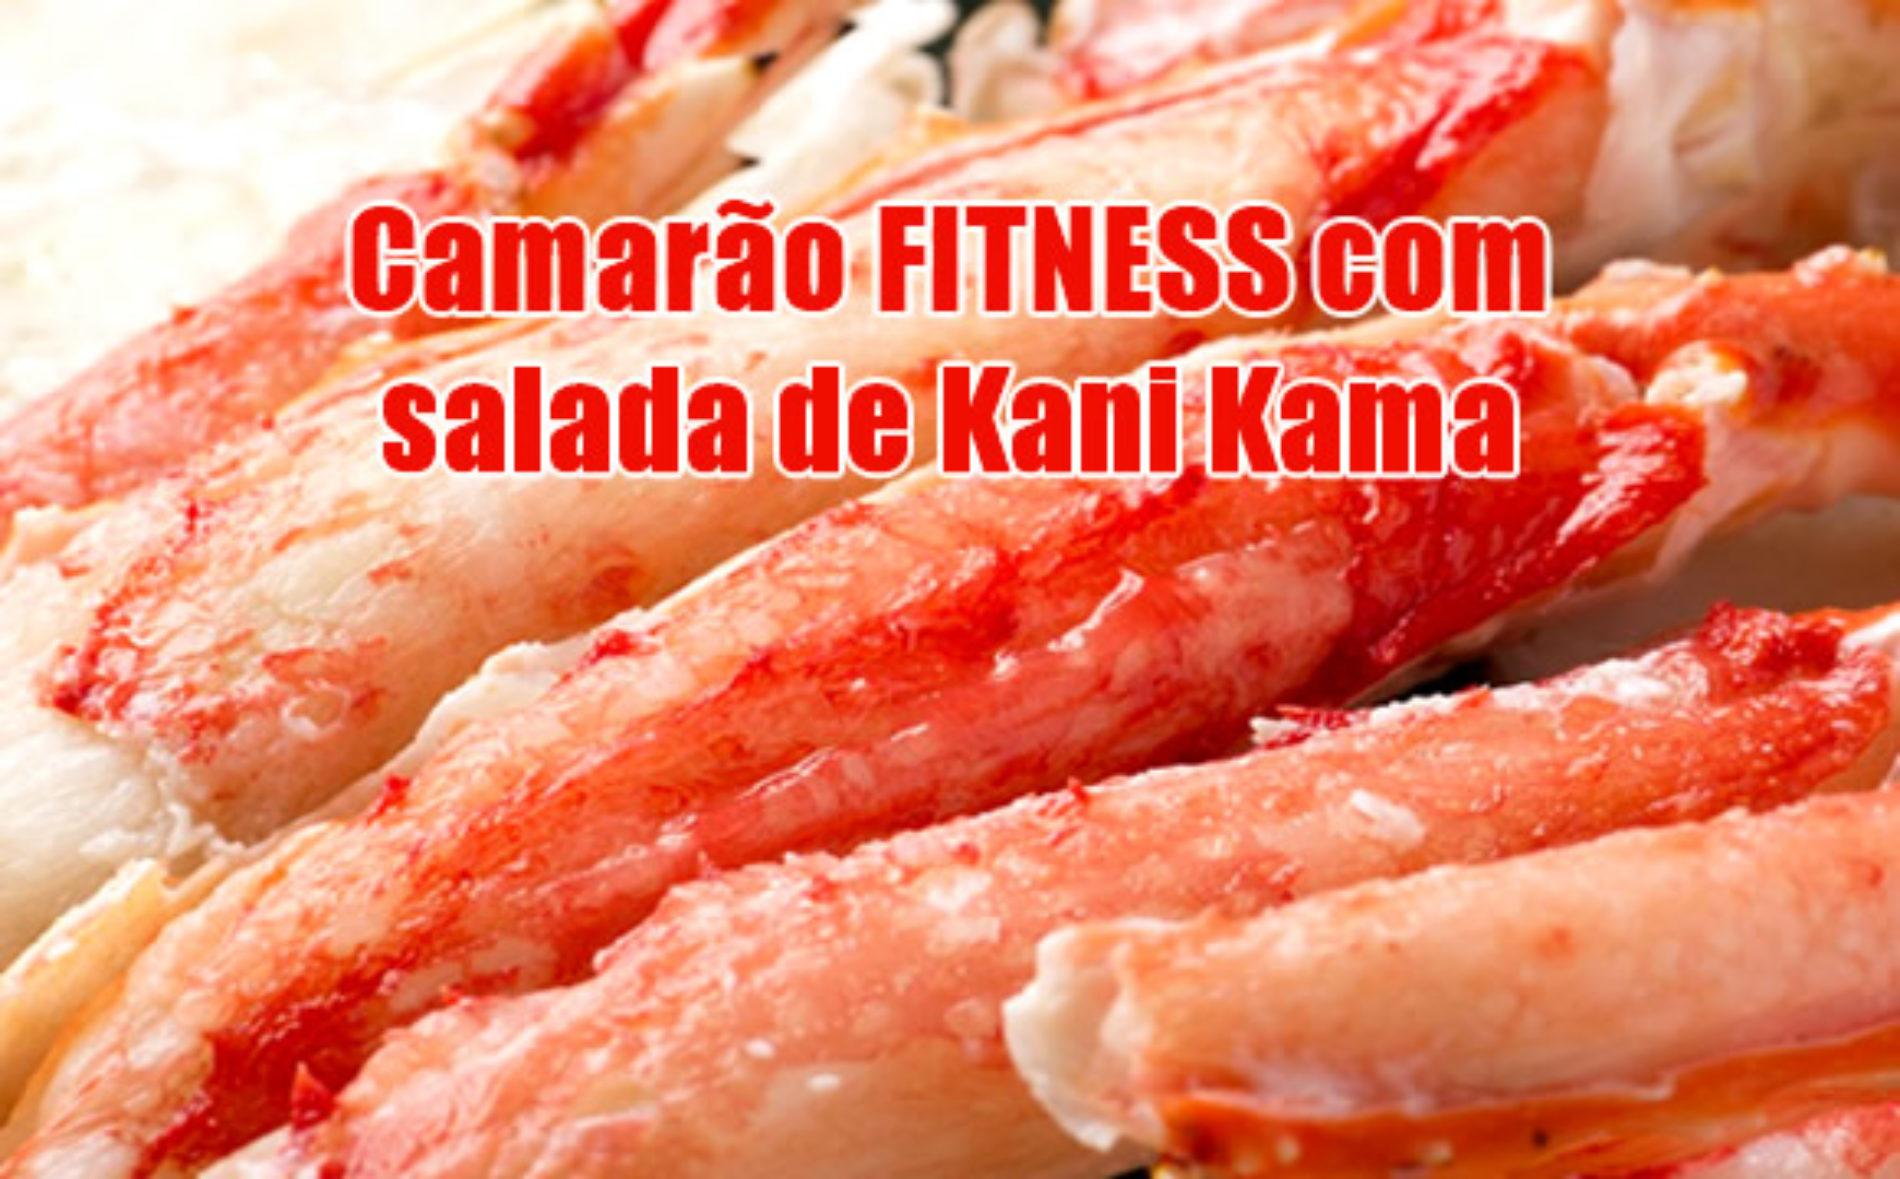 Camarão Fitness proteico com salada de Kani